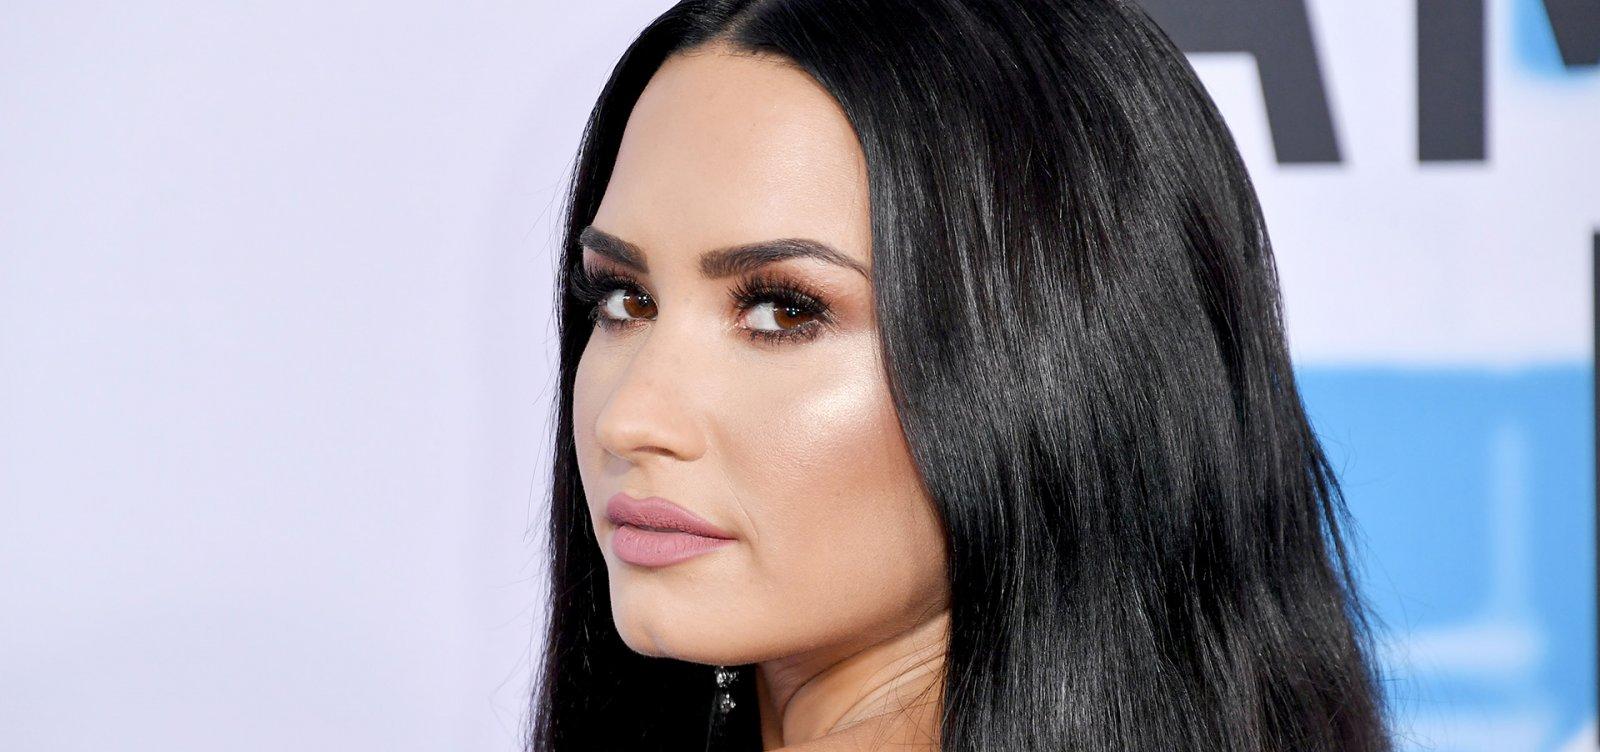 [Demi Lovato vota e volta às redes sociais após deixar clínica de reabilitação]